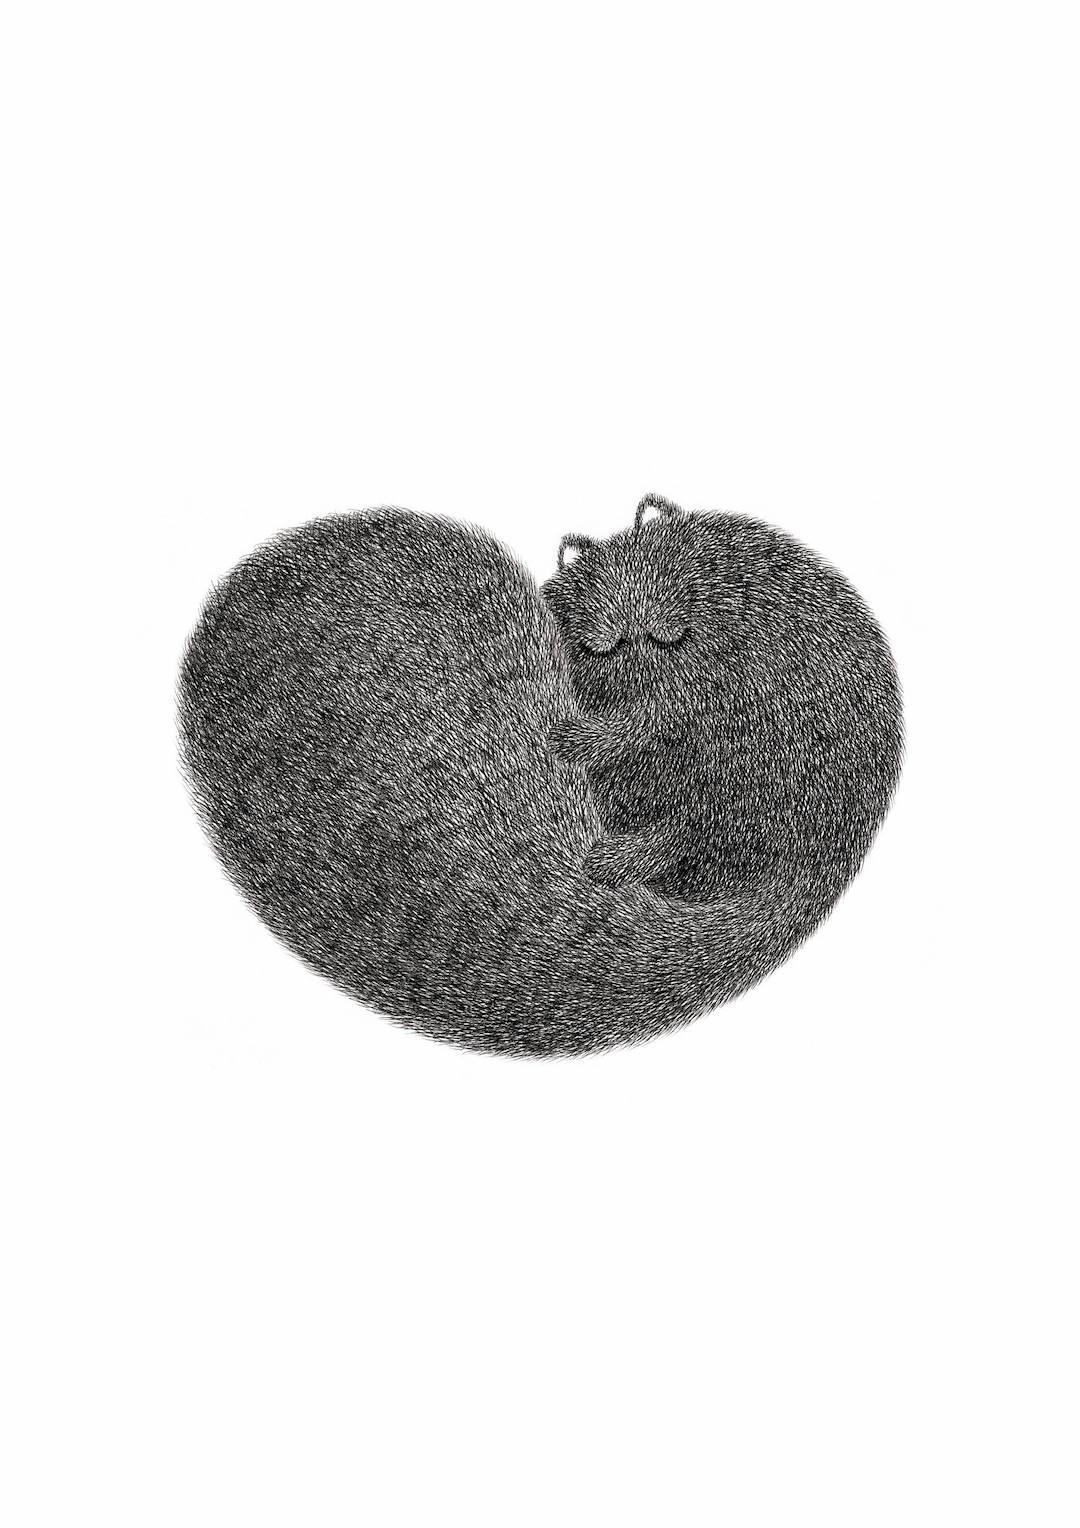 Fluffy cat illustration by Kamwei Fong